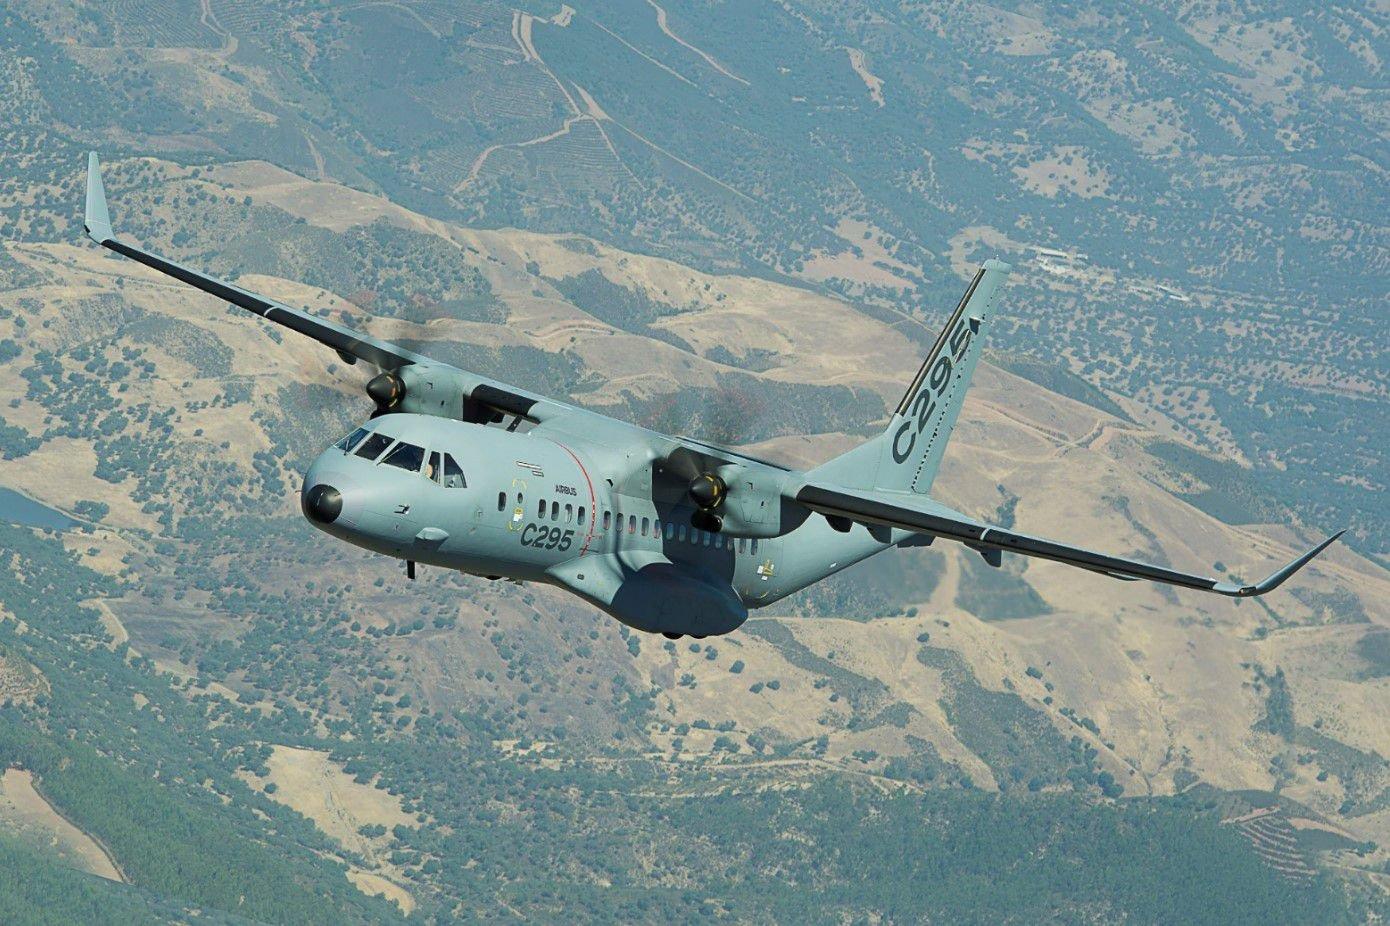 Airbus C295 in-flight [Airbus]